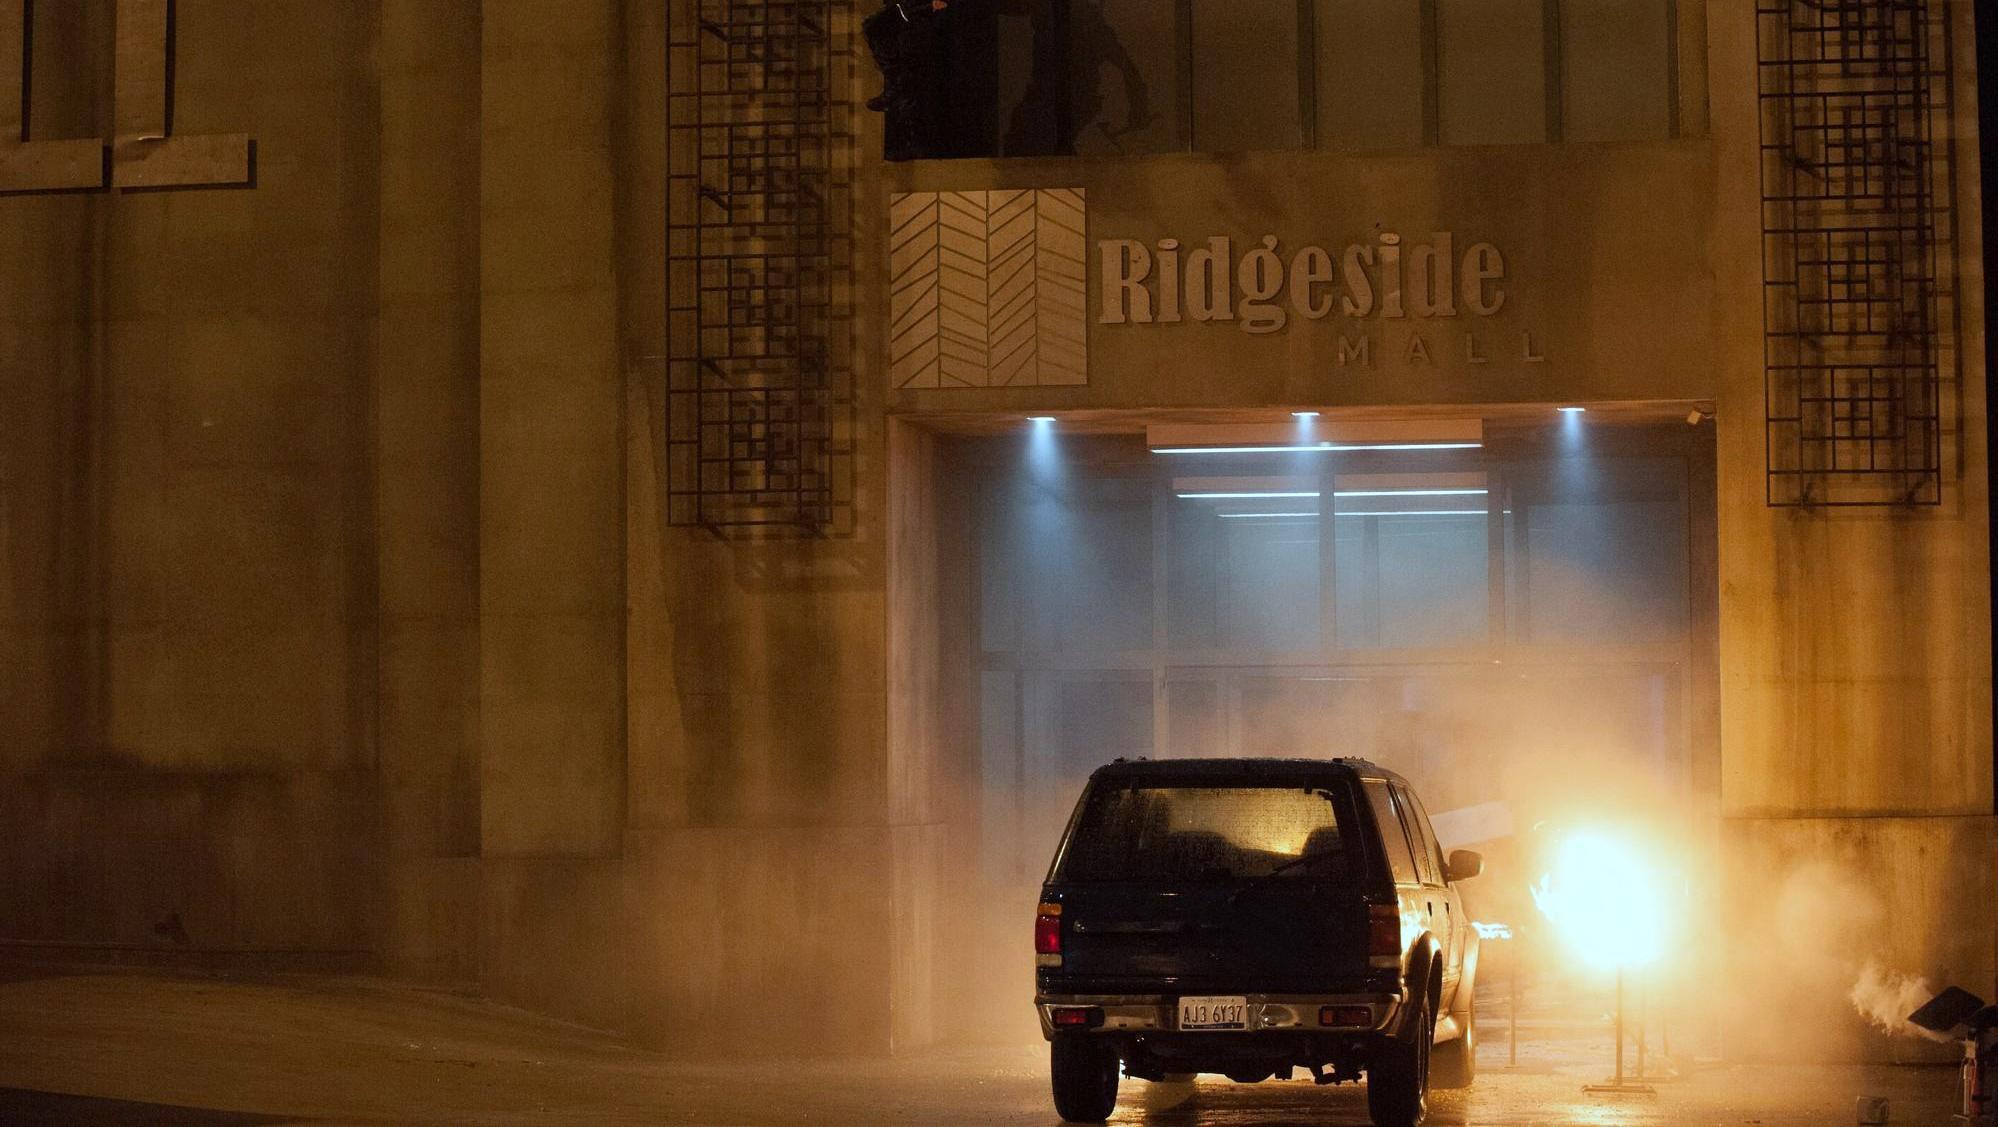 """""""Риджсайт мол"""" – това е мястото на действието и развитието на екшъна"""